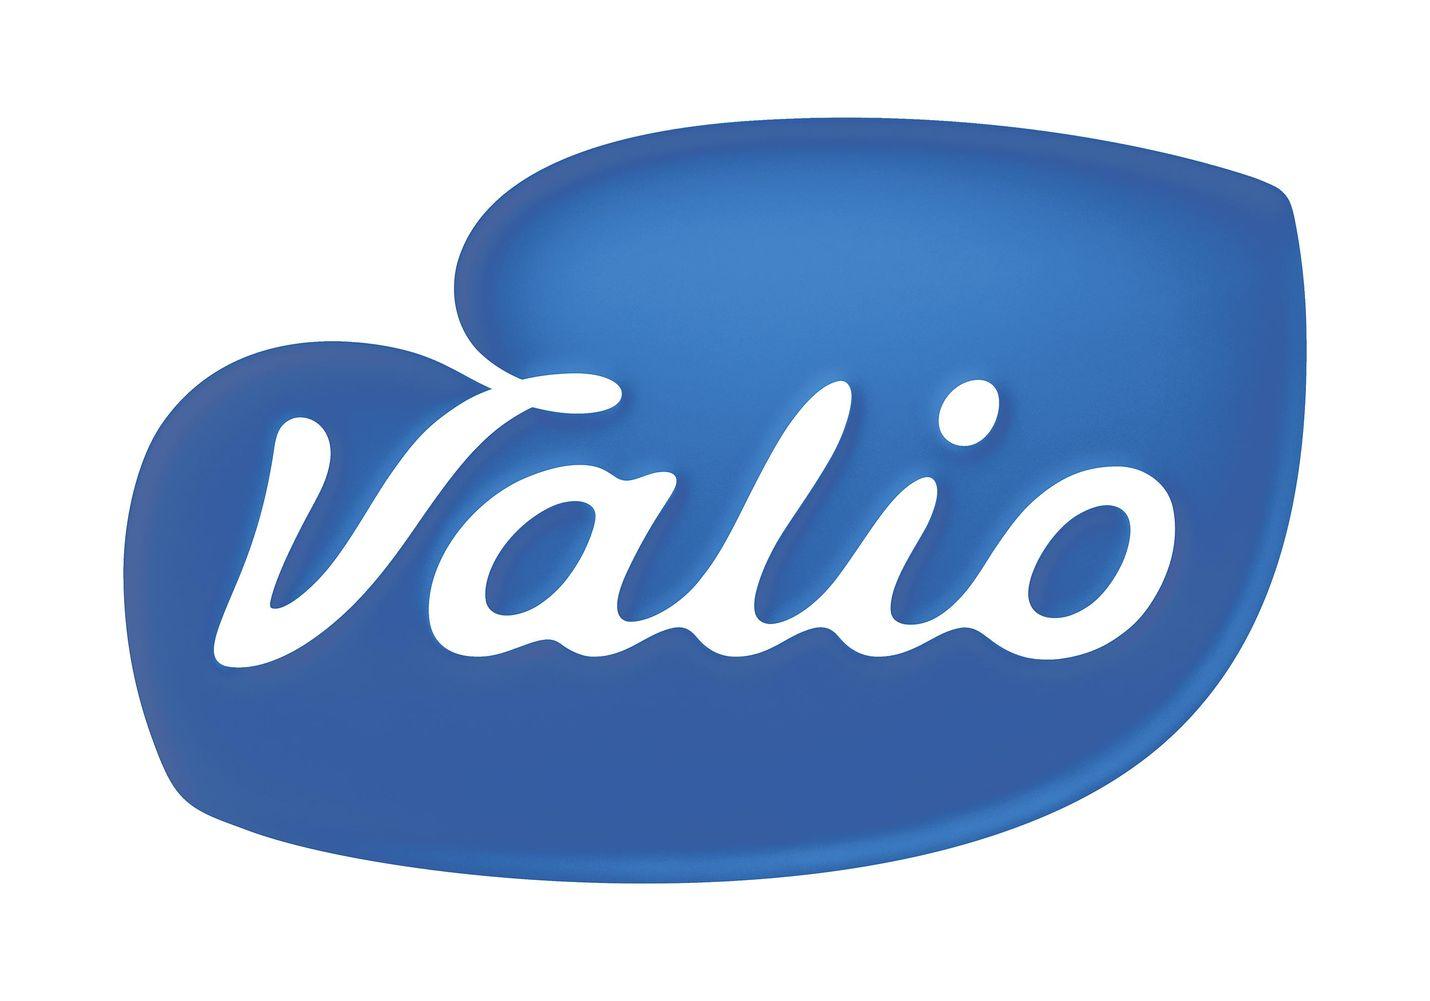 Valio luettelee suomalaisten tuotteiden vahvuuksiksi puhtaan luonnon ja erittäin korkealaatuisen maidon.